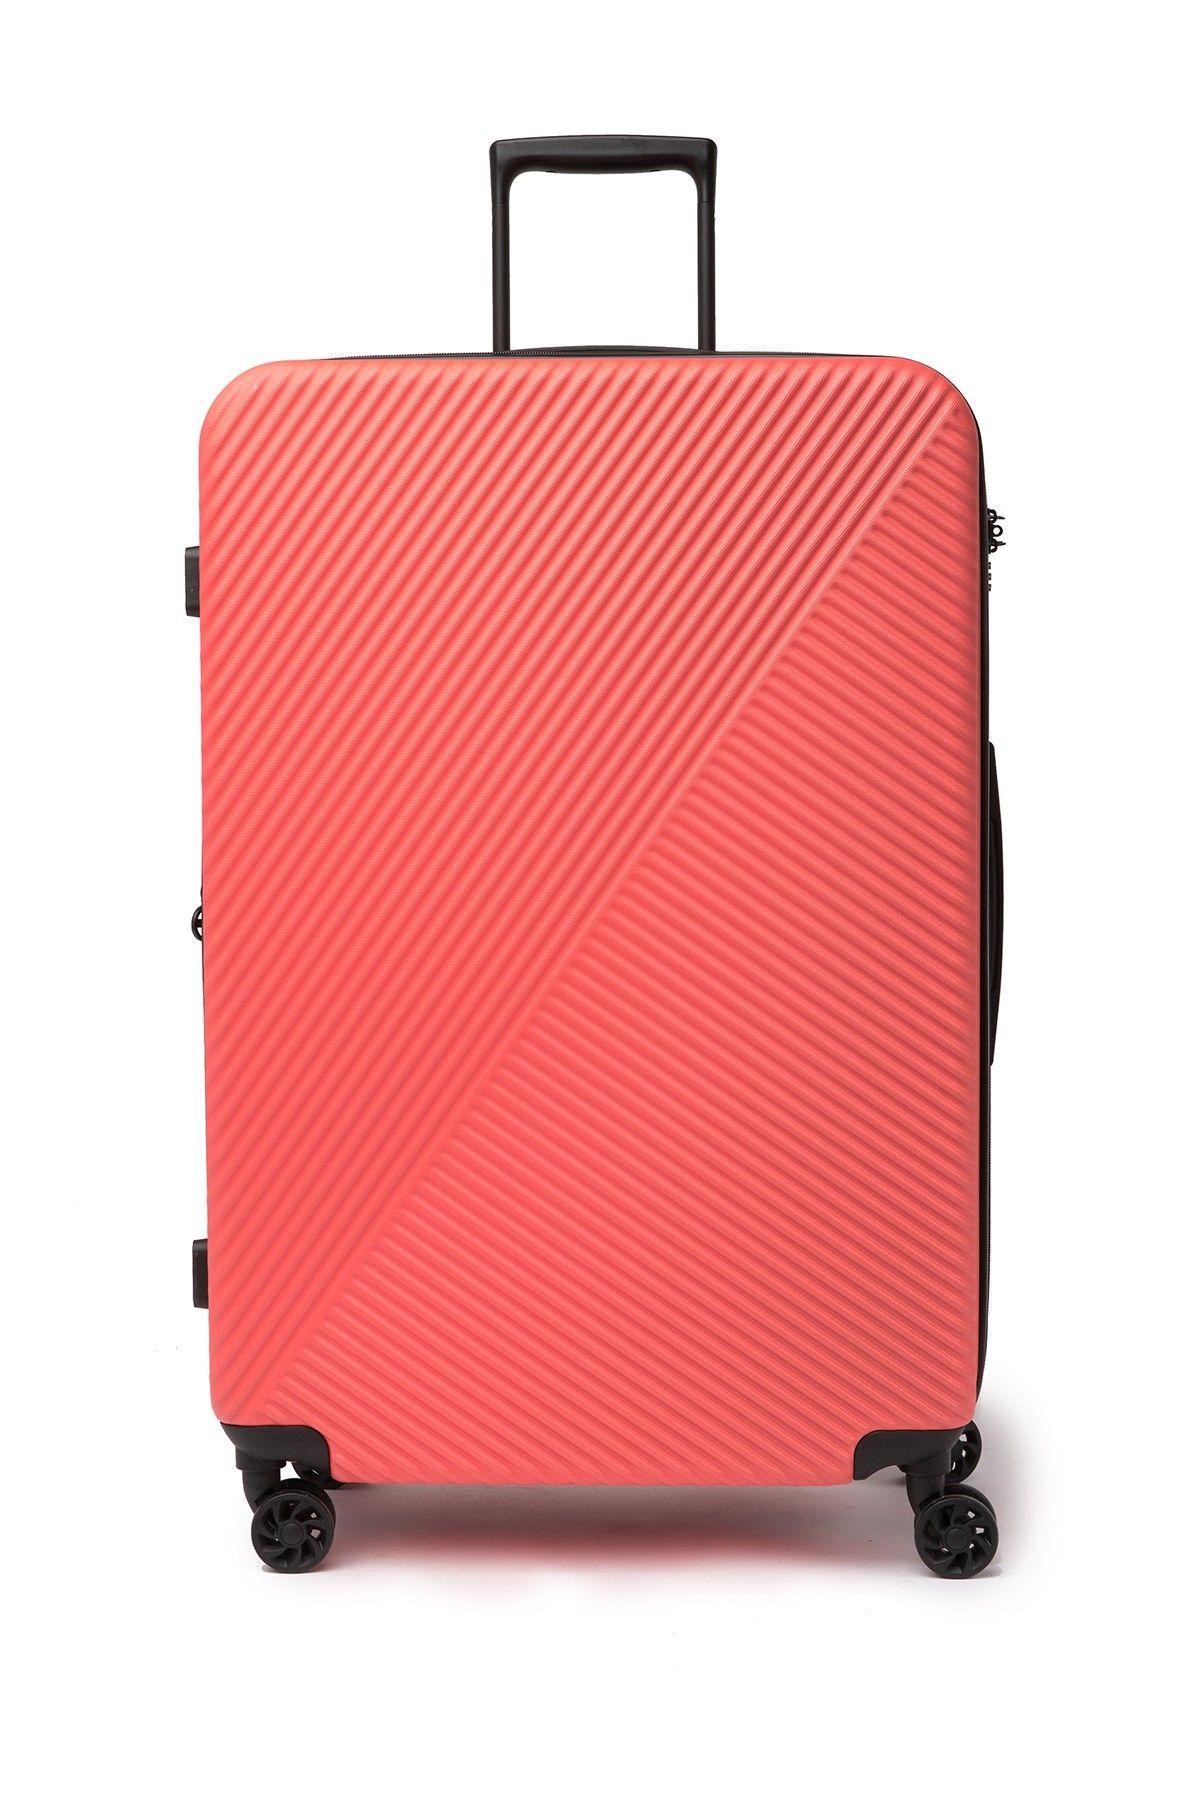 Calpak Luggage Ryon Large 27 Spinner Nordstrom Rack Calpak Luggage Luggage Large Suitcase